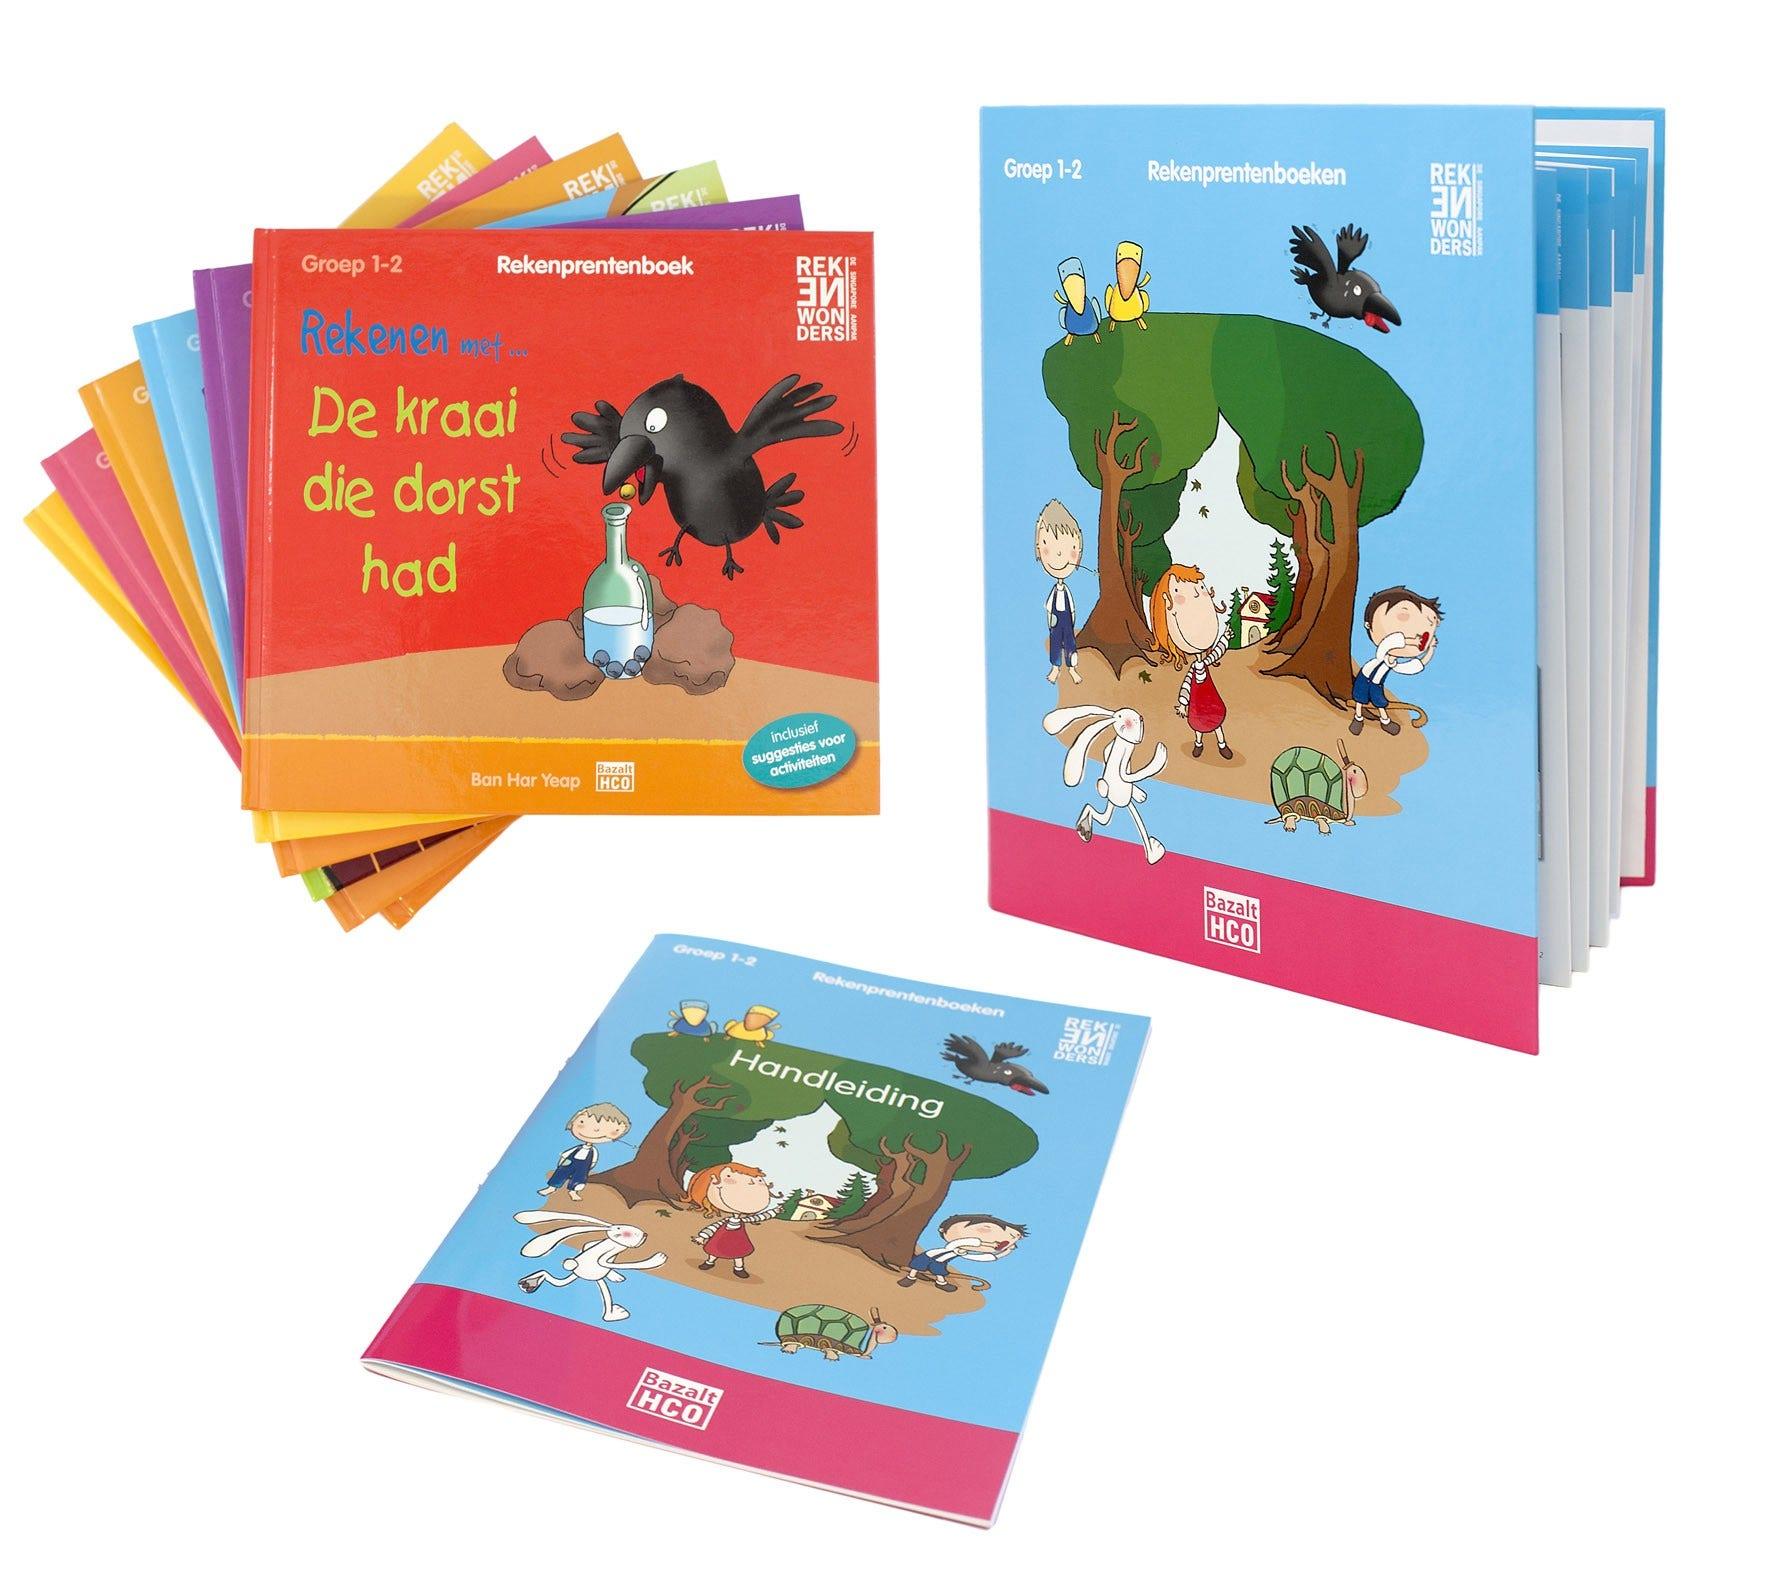 Rekenprentenboeken - Pakket 3 - Complete set: ringband + 6x serie 6 prentenboeken